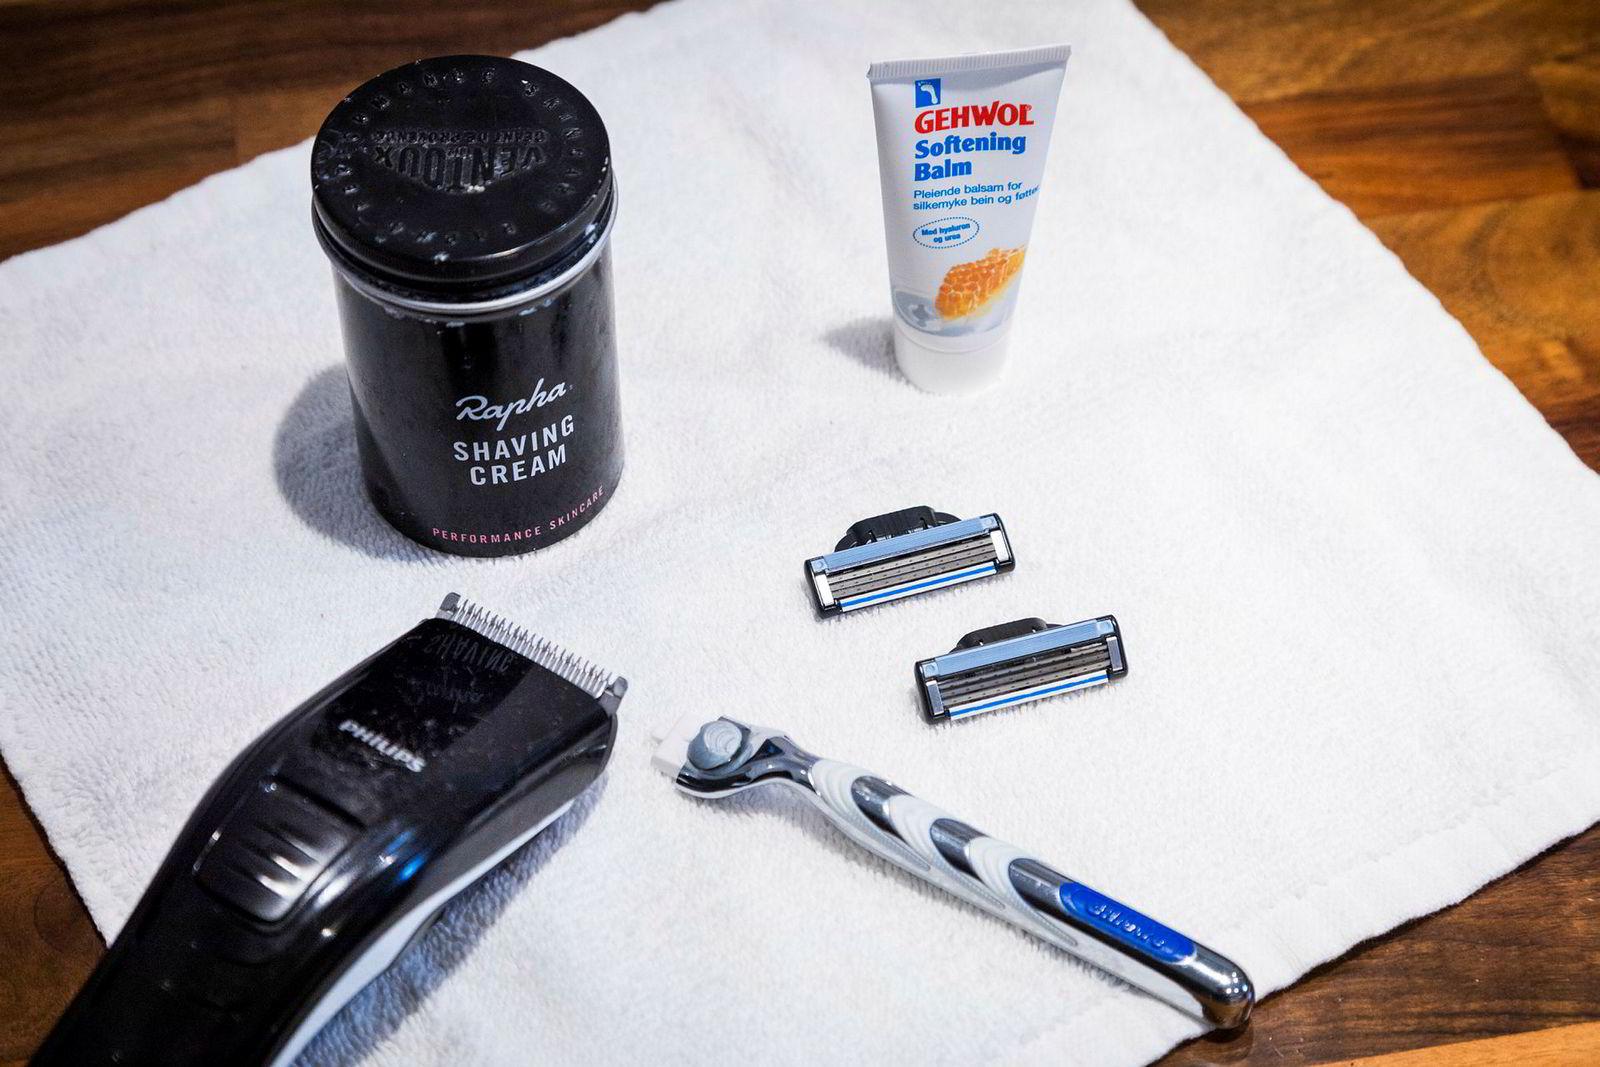 Dette trenger du får å få glatte sykkelben: Hårtrimmer, en god barberkrem, barberhøvel med nye blad av god kvalitet og en god fuktighetskrem.